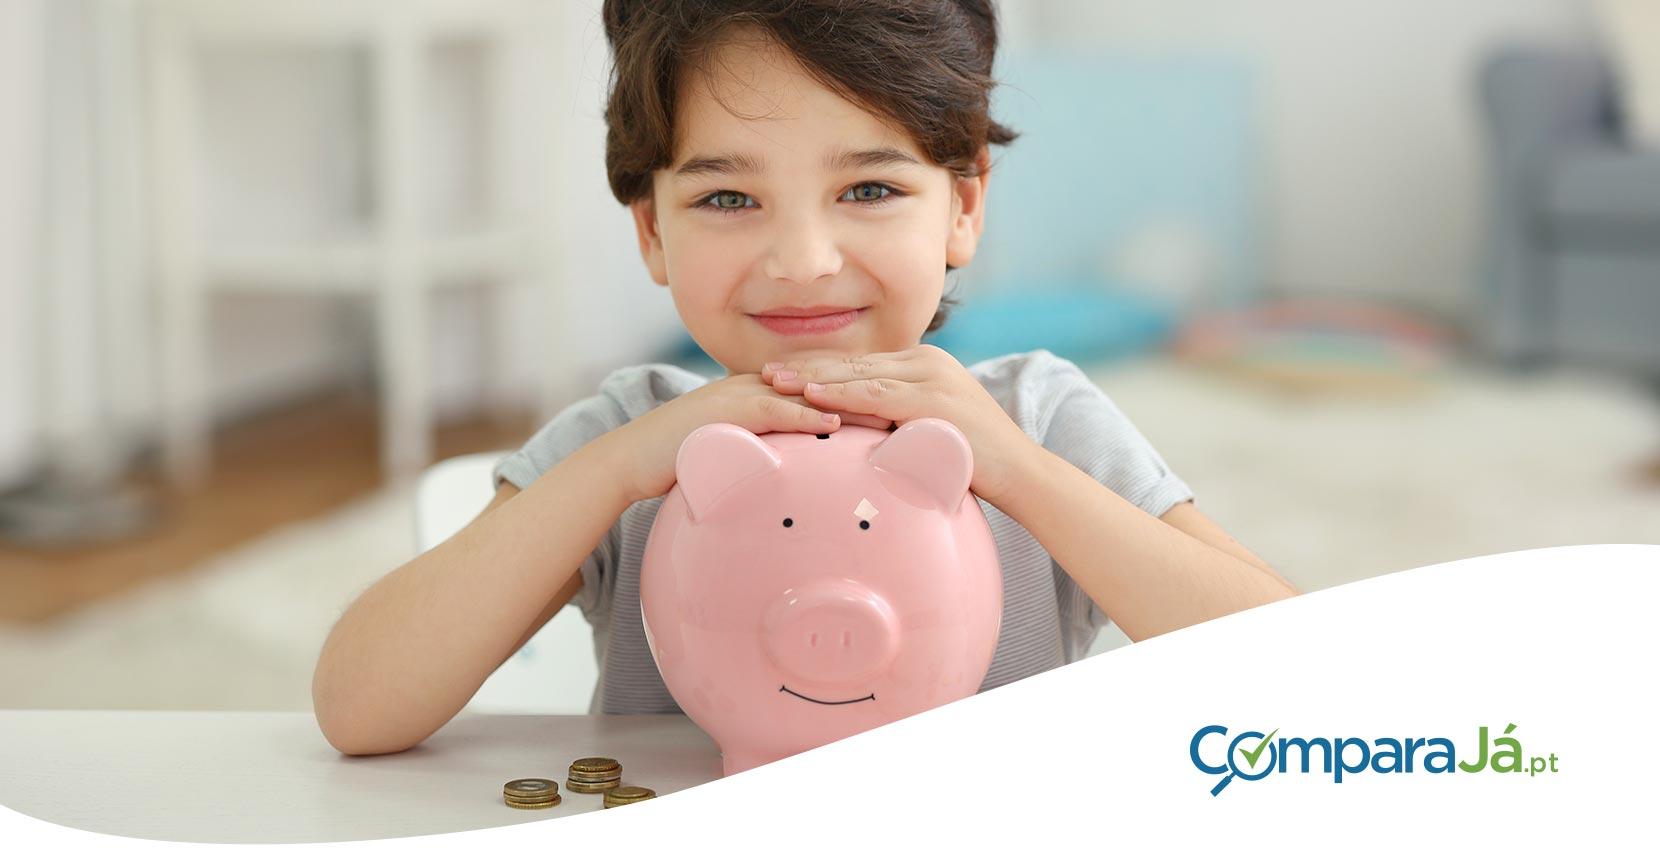 poupança para crianças